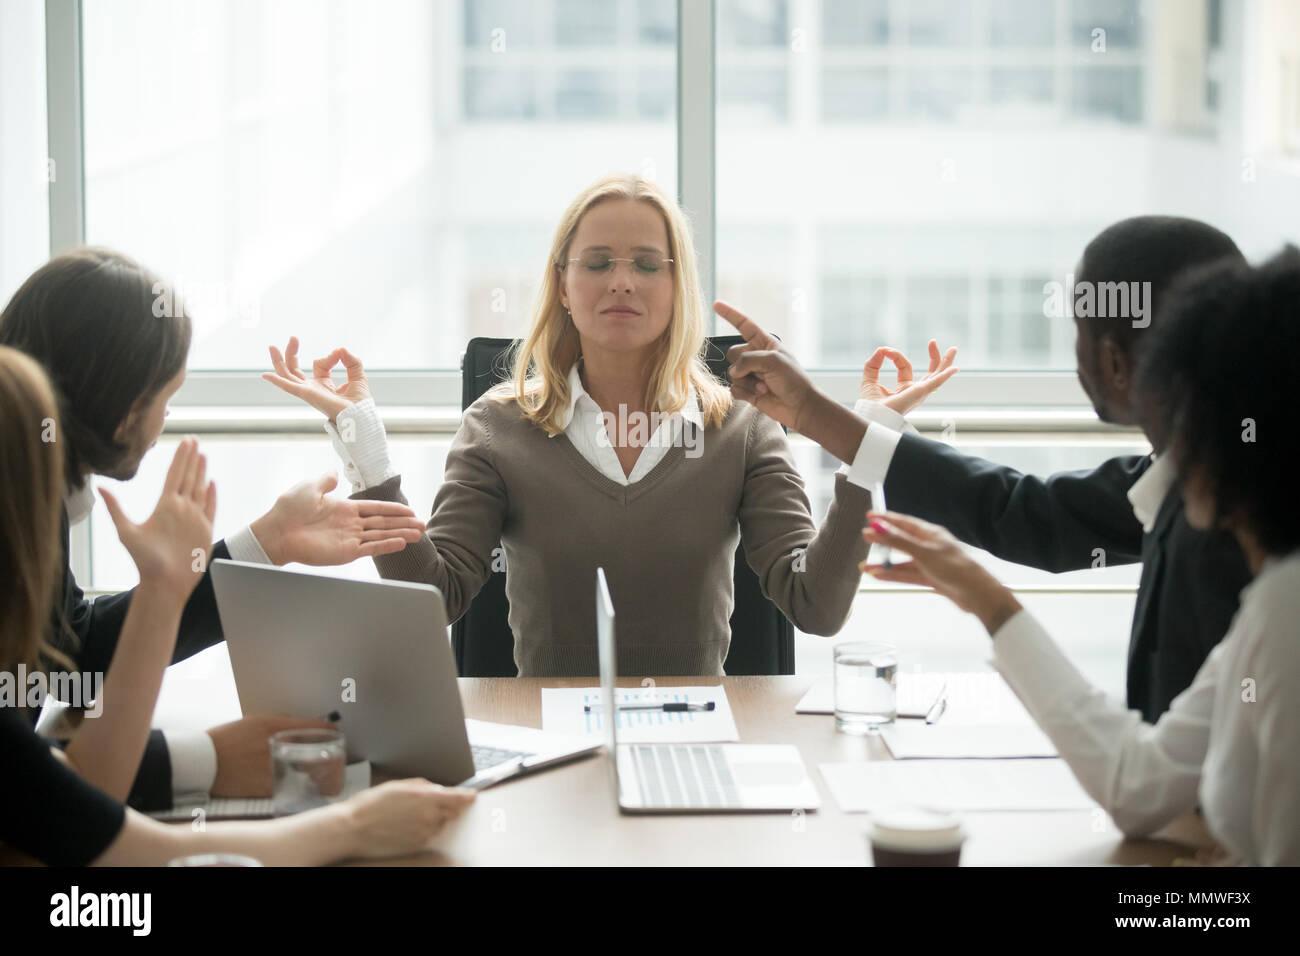 Memore boss femmina calmate meditando in ufficio stressanti Immagini Stock